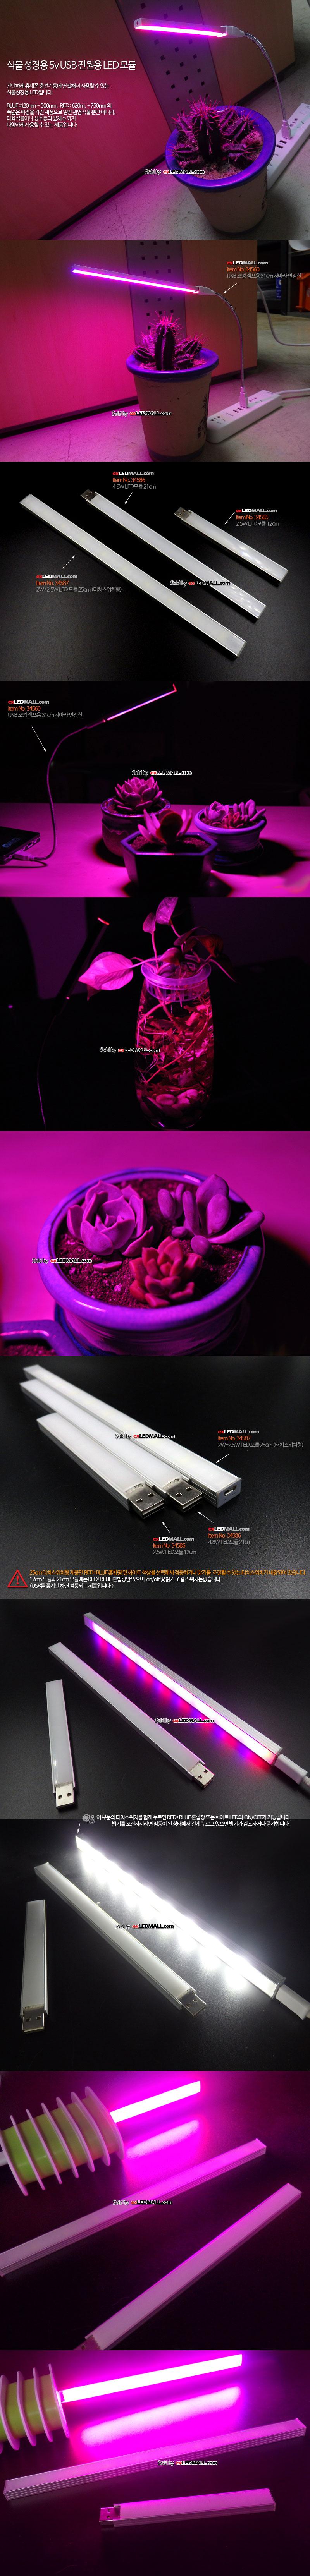 베하.5v USB 전원용 식물성장용 2.5W LED모듈 12cm